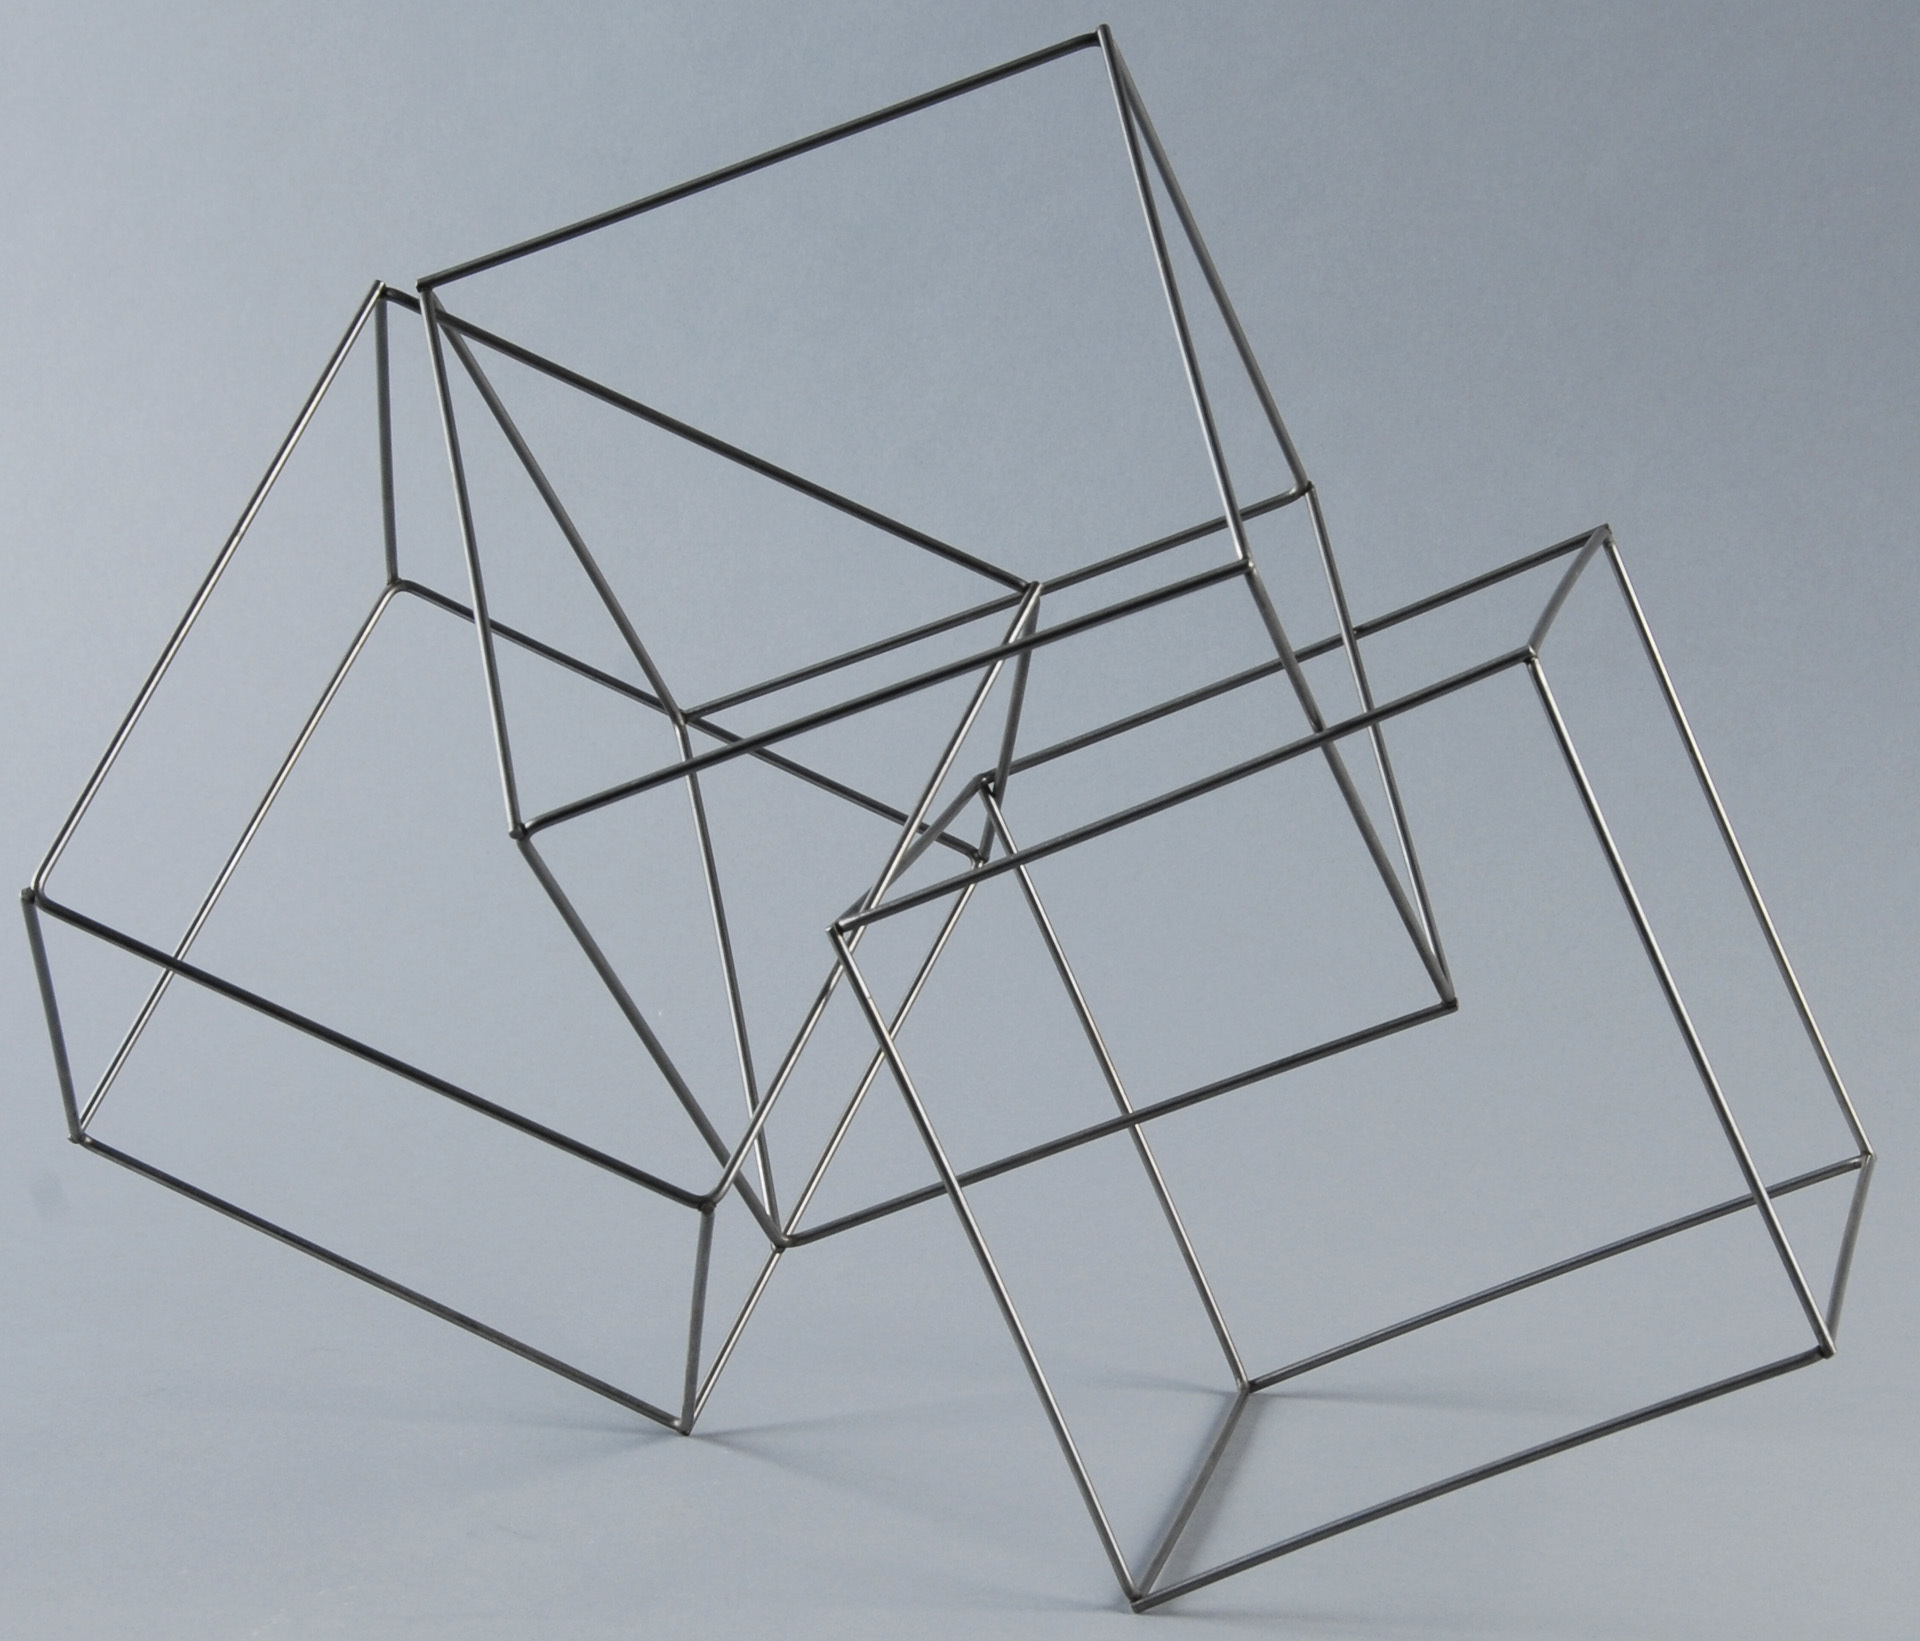 François Morellet, Trois cubes imbriques